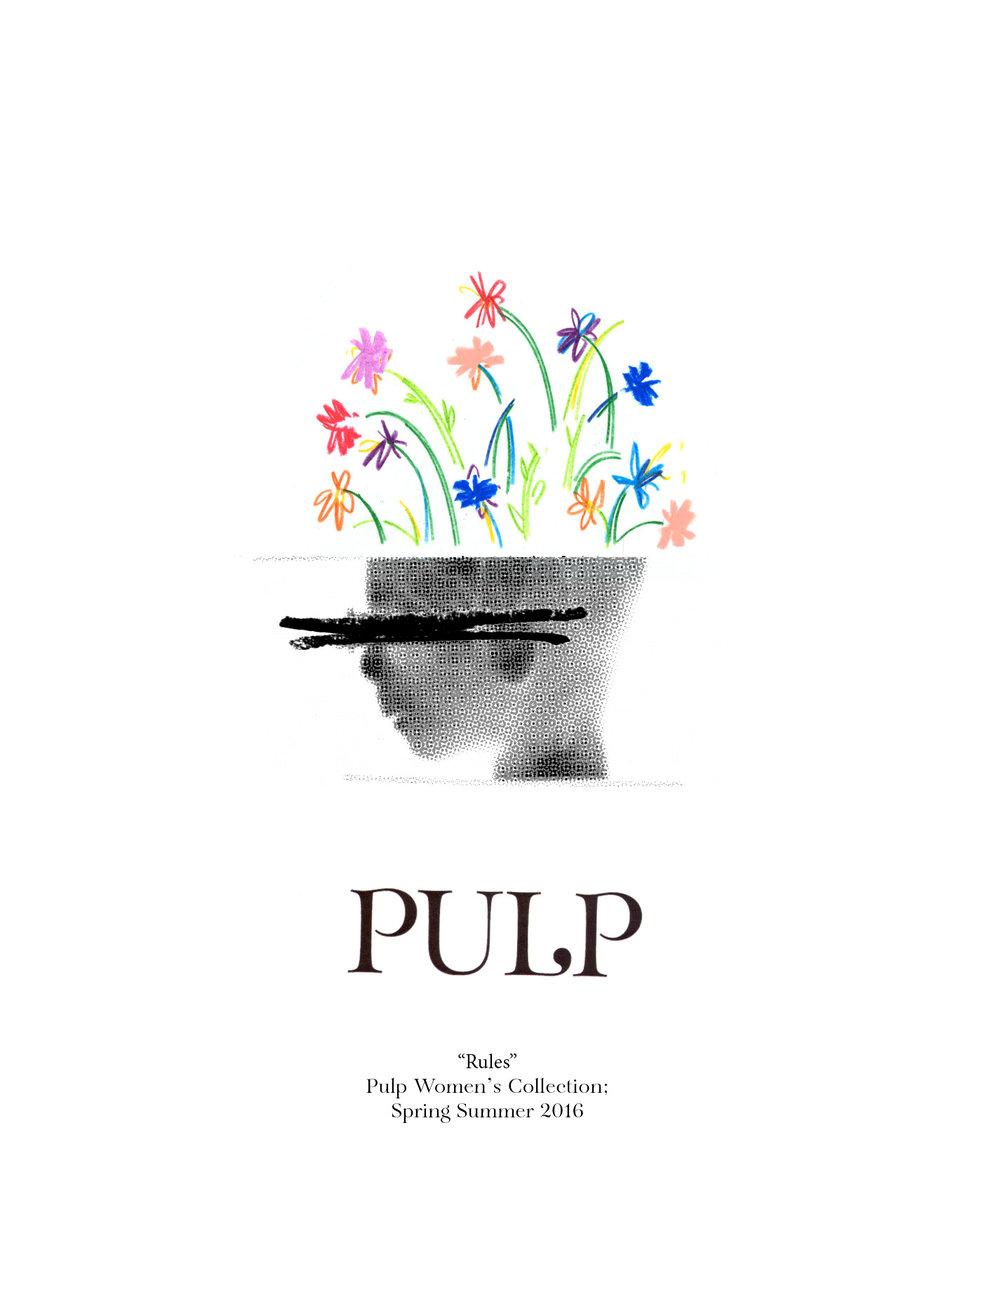 Pulp Spring Summer 2016 LB KIM3.jpg